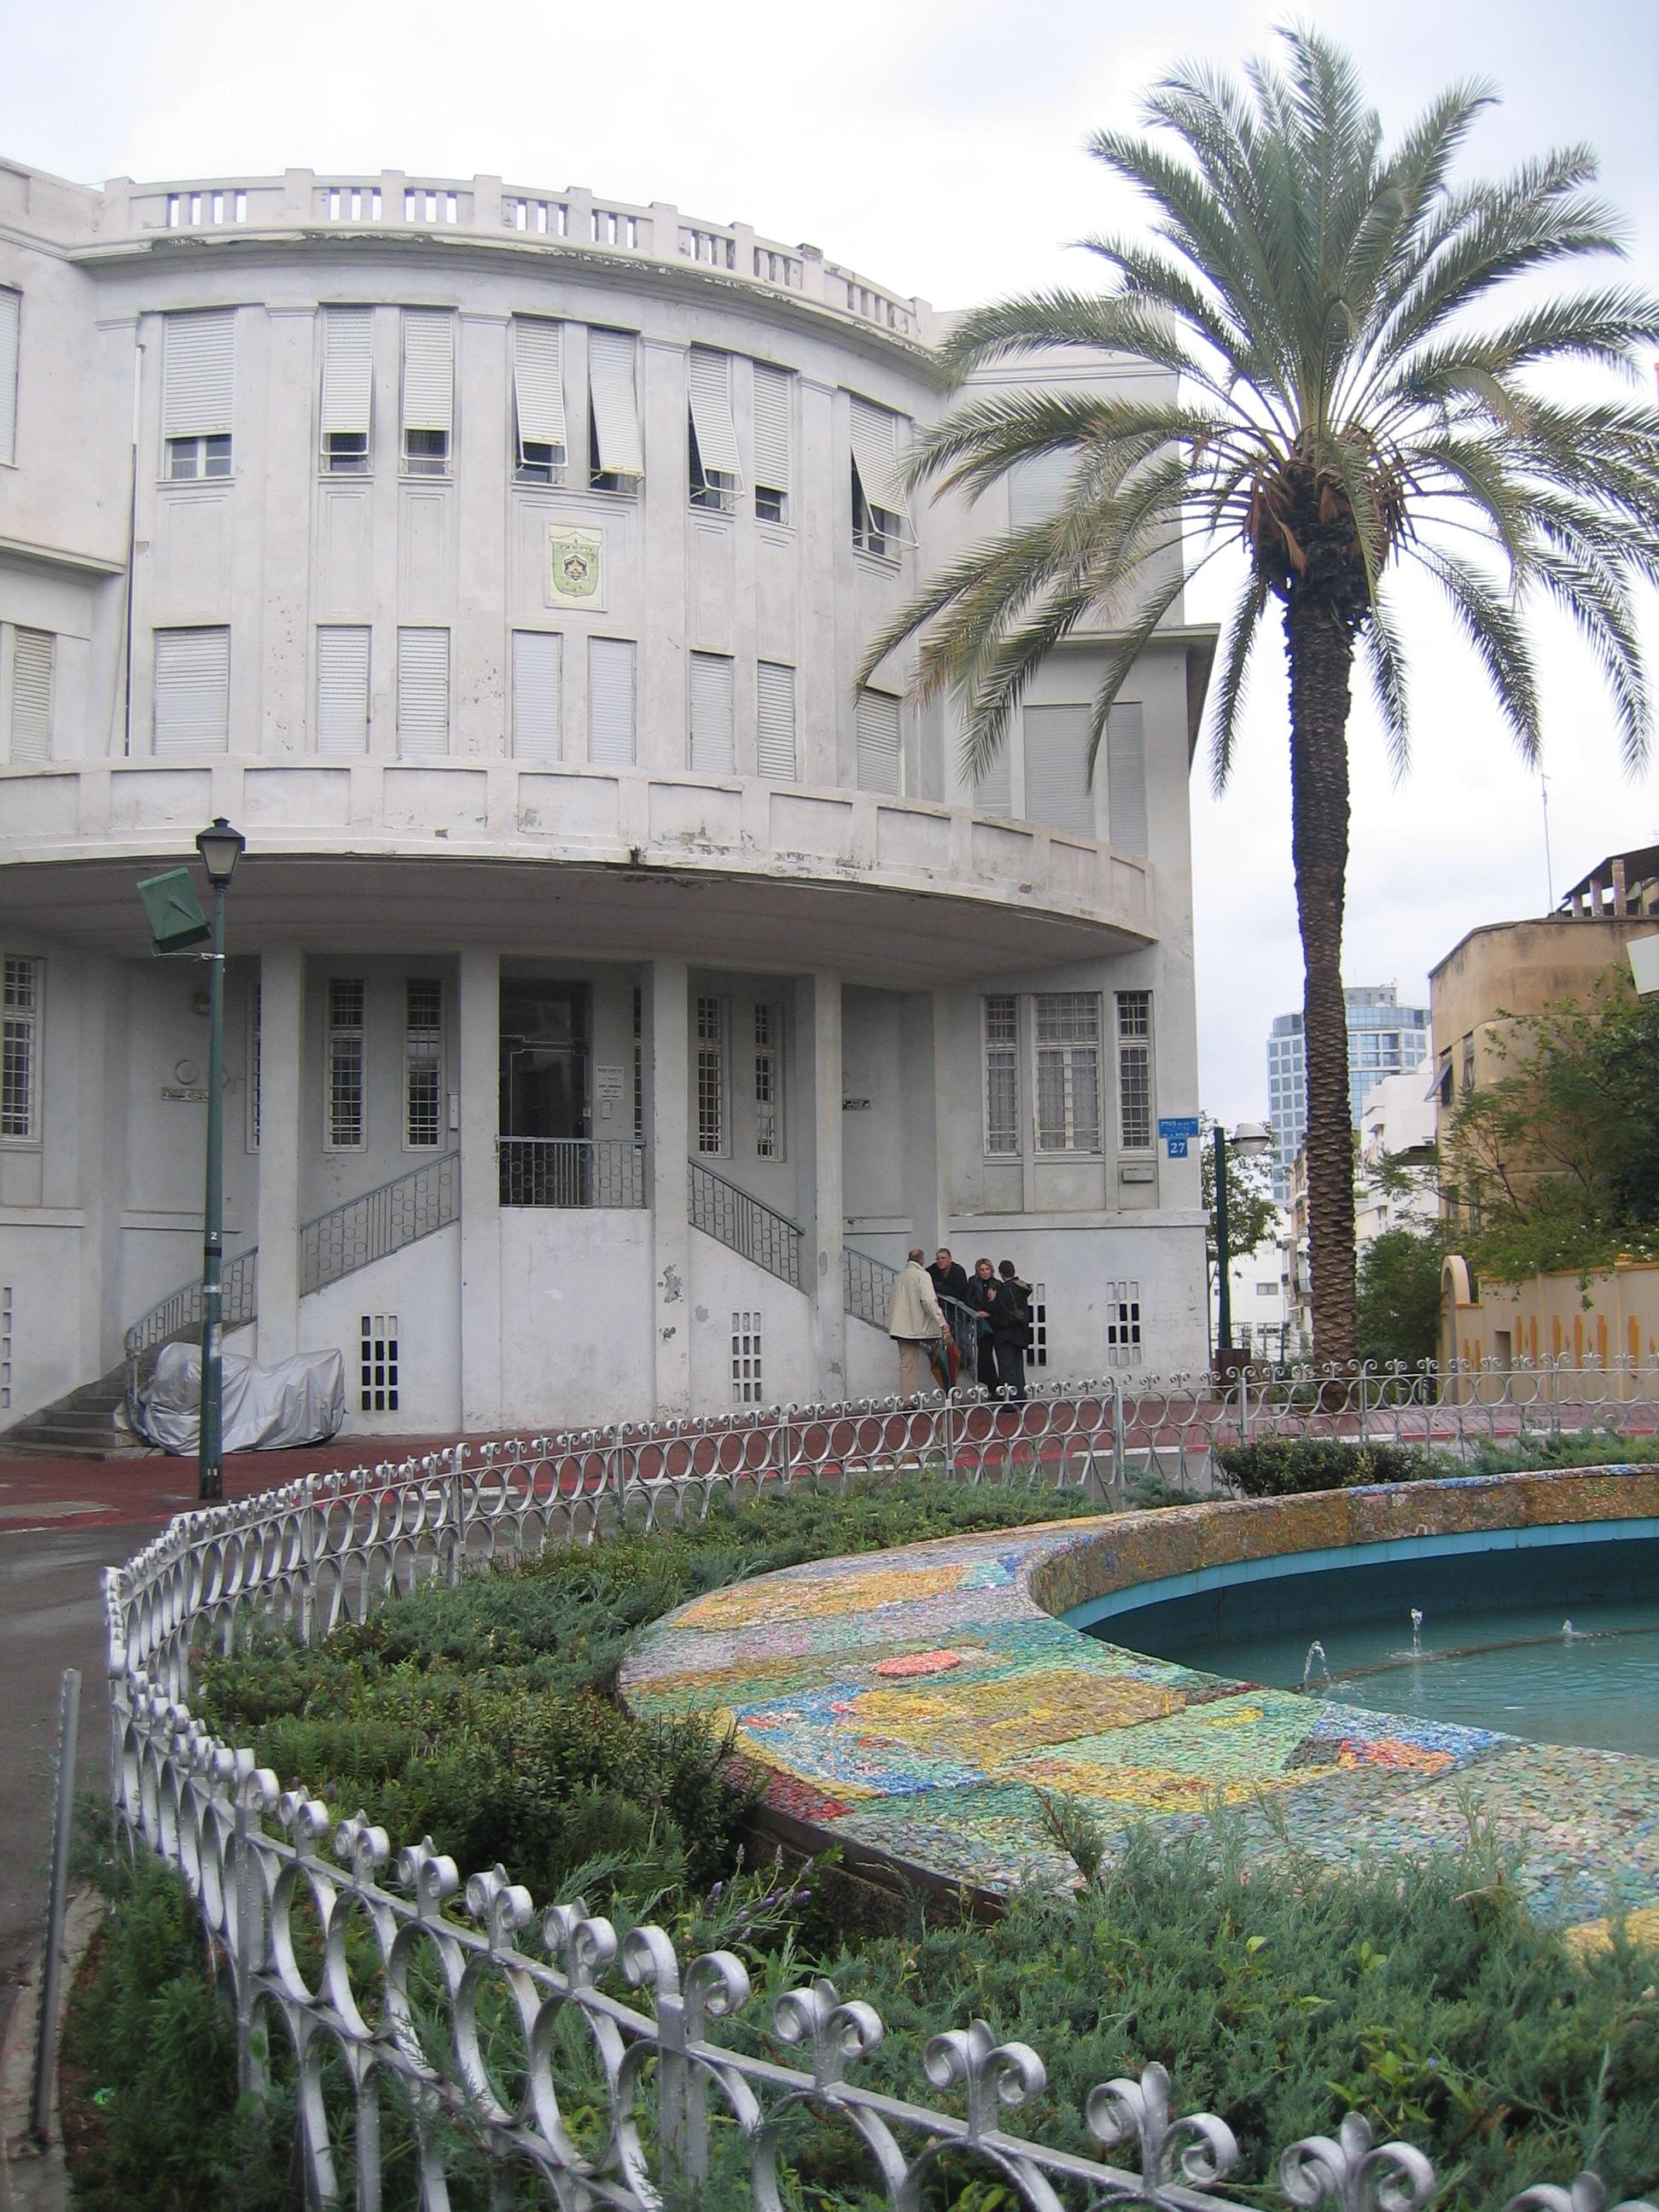 בית העיר (העירייה) הישן בכיכר ביאליק, צילום: יאיר טלמור לעיריית תל אביב יפו